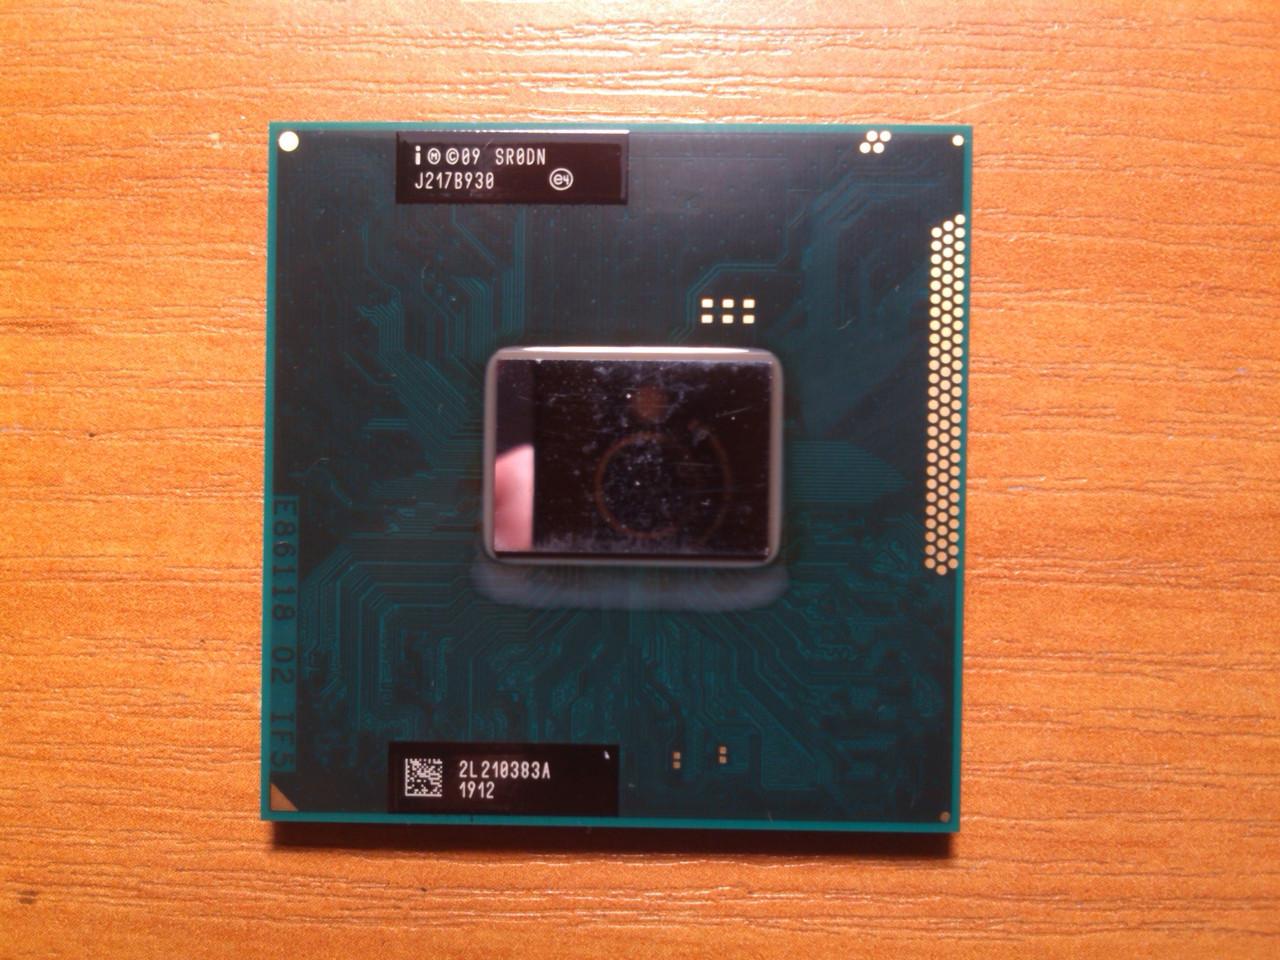 Intel Core i3-2350M SR0DN сокет G2 Гарантия!